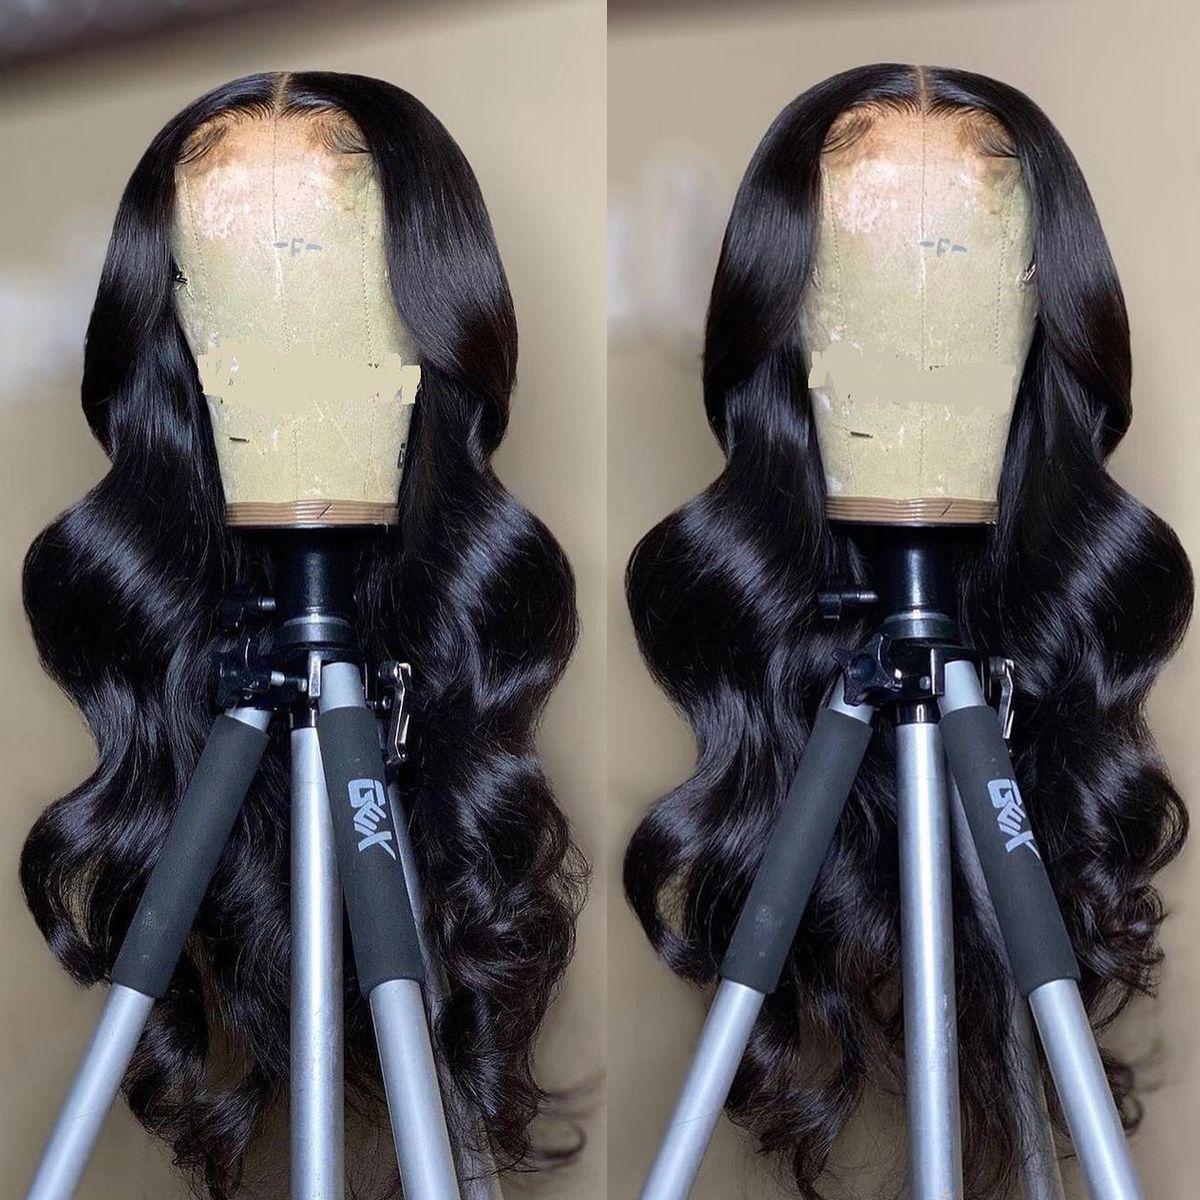 Body-wave-closure-wig-description-1